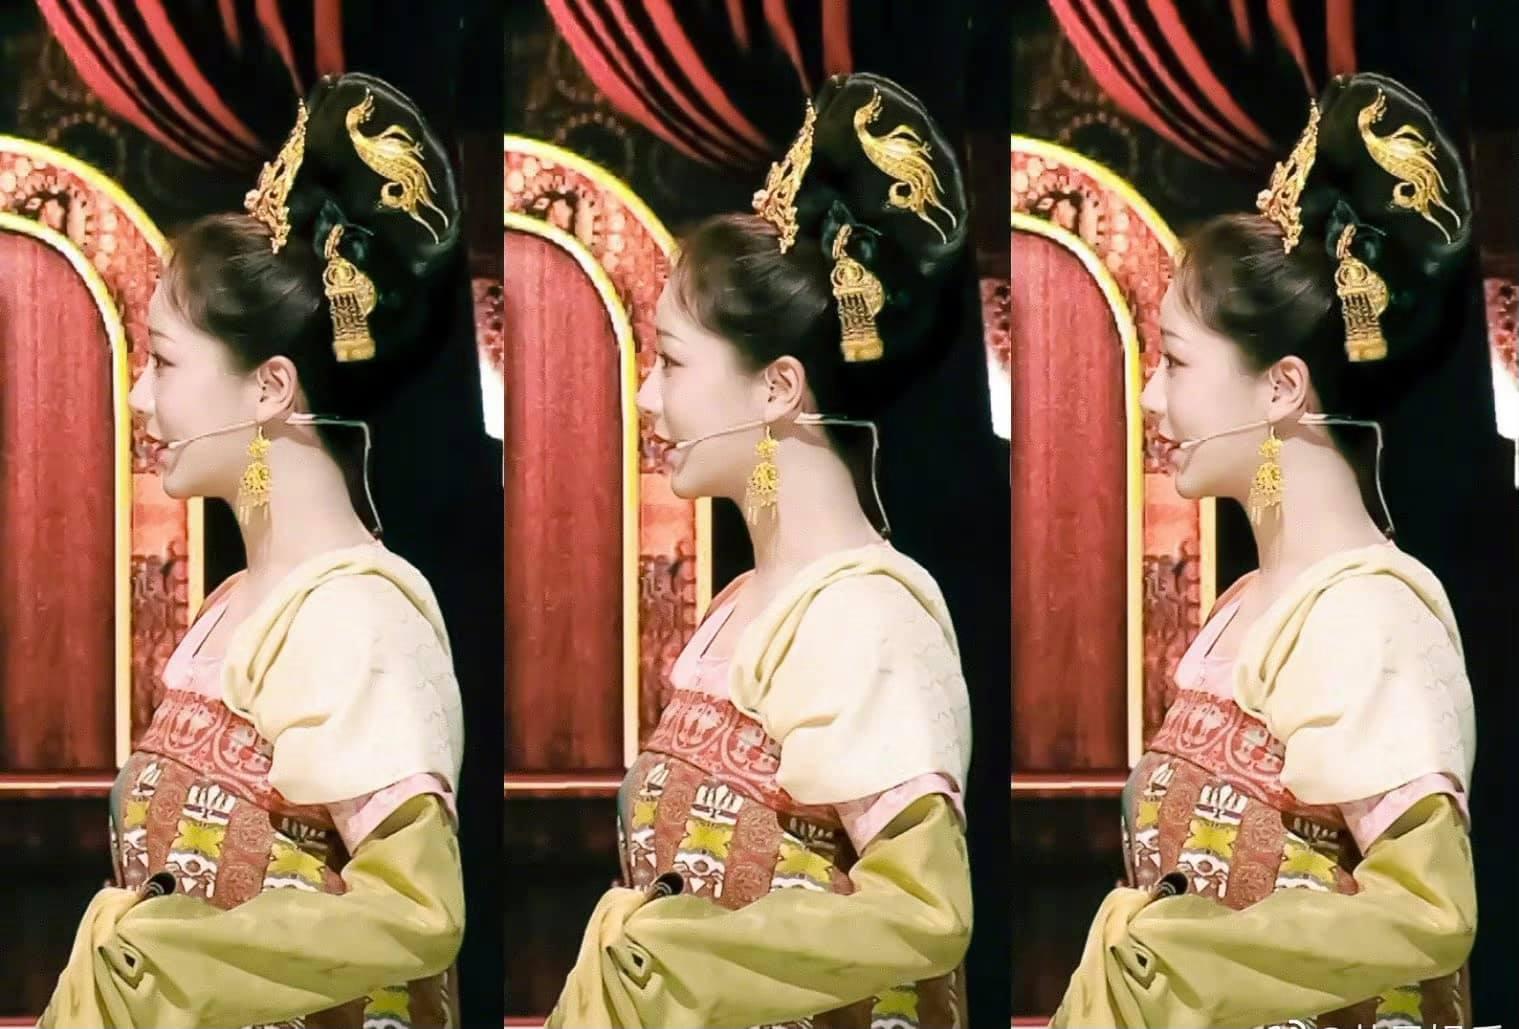 Dương Tử lộ ảnh chưa chỉnh sửa khi hóa công chúa thời Đường, fan vẫn hết lời khen ngợi: Mũm mĩm tí lại xinh! - Ảnh 3.